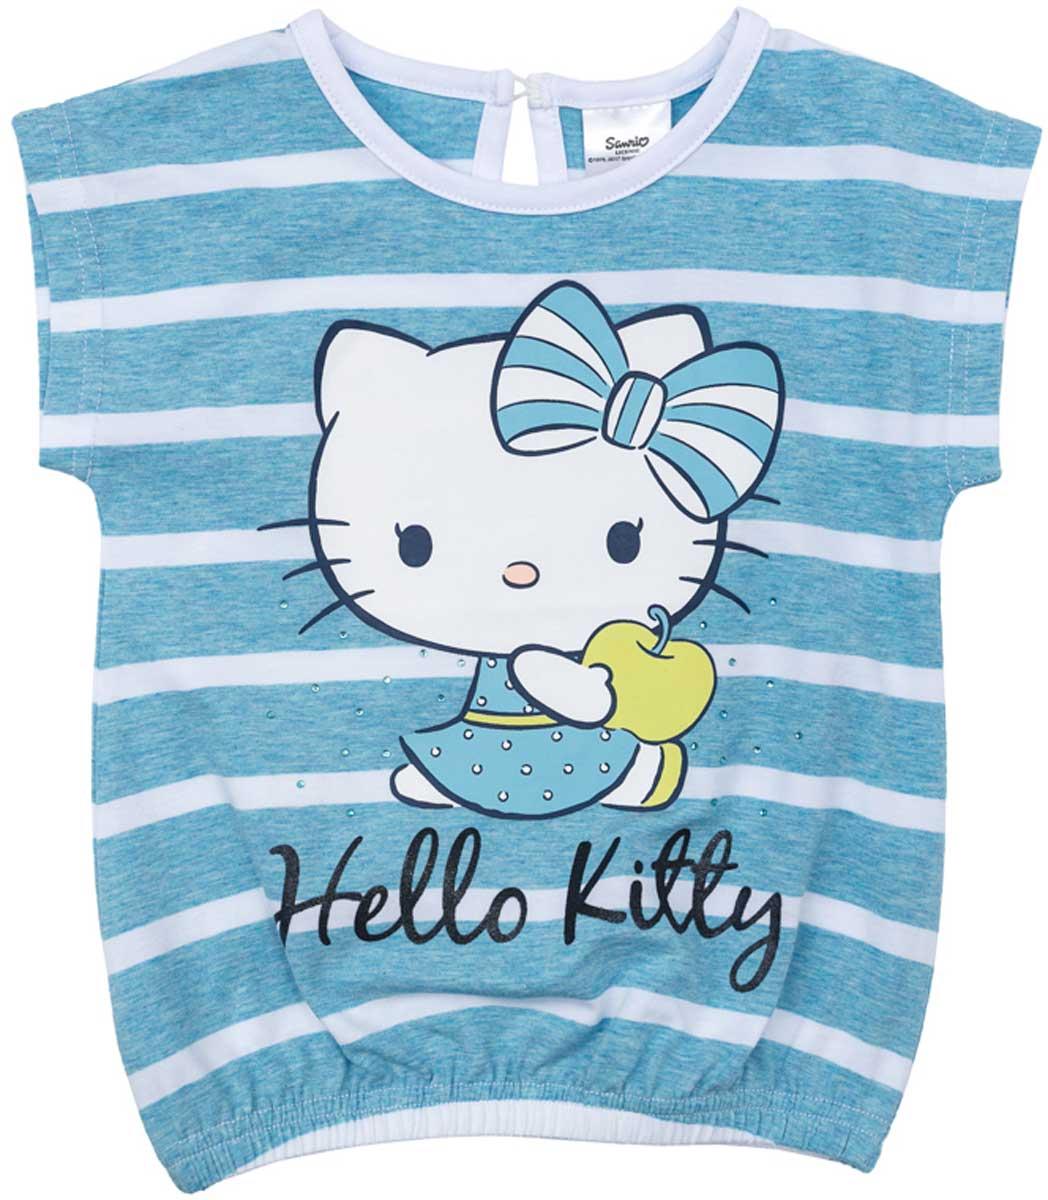 Футболка для девочки PlayToday, цвет: голубой, белый, желтый, зеленый. 672102. Размер 116672102Футболка для девочки PlayToday свободного классического кроя прекрасно подойдет как для домашнего использования, так и для прогулок на свежем воздухе. Можно использовать в качестве базовой вещи повседневного гардероба вашего ребенка. Яркий стильный лицензированный принт Hello Kitty является достойным украшением данного изделия.